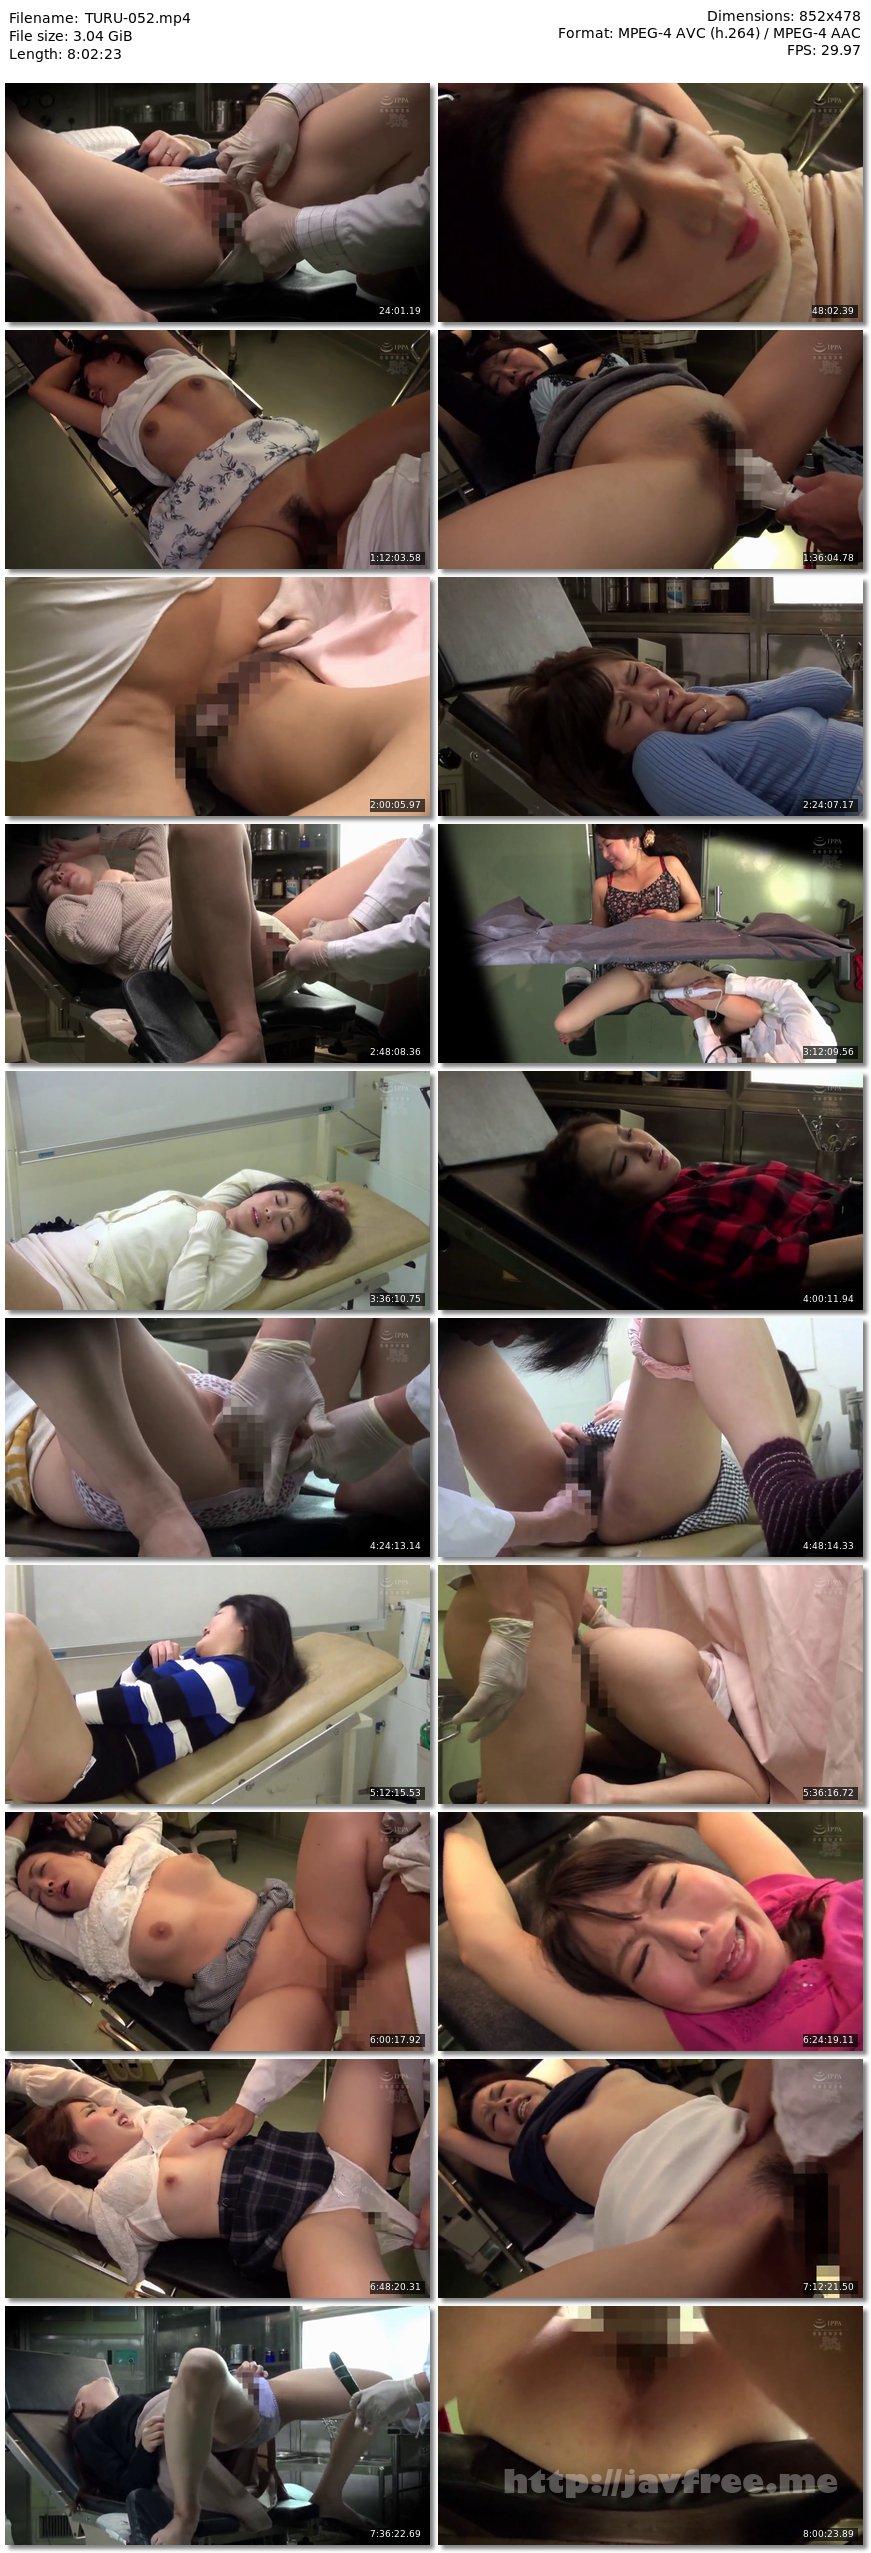 [HD][JUFE-092] ボディコン女教師痴漢 卑猥な肉体を強調させる服を選んだばかりに田舎のDQNな生徒達に狙われて… 凛音とうか - image TURU-052 on https://javfree.me